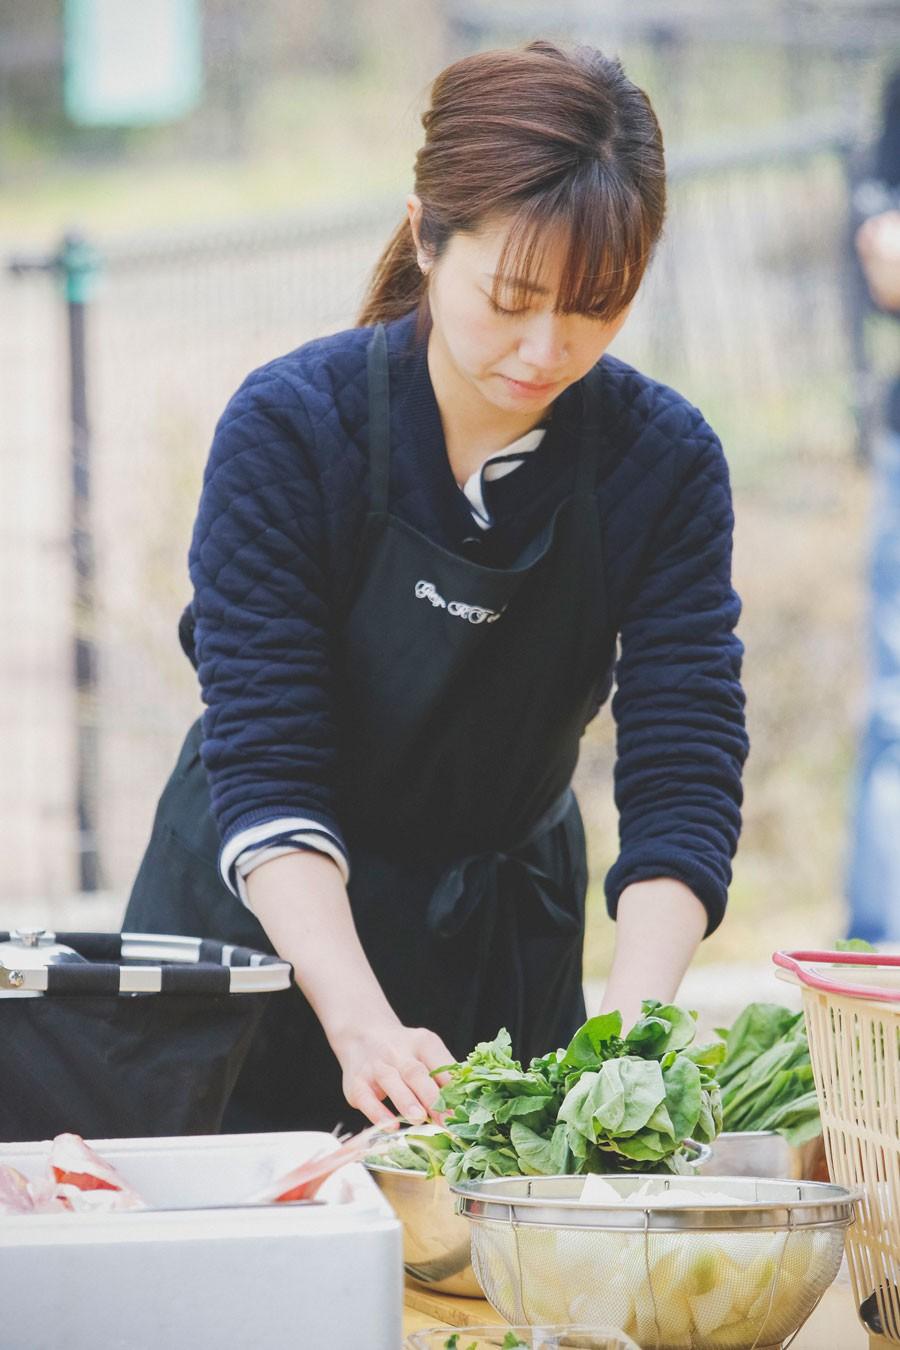 フードスタイリストの山崎さん。現在は雑誌やwebで料理やプロダクトのスタイリングや、レシピの提案を行う。